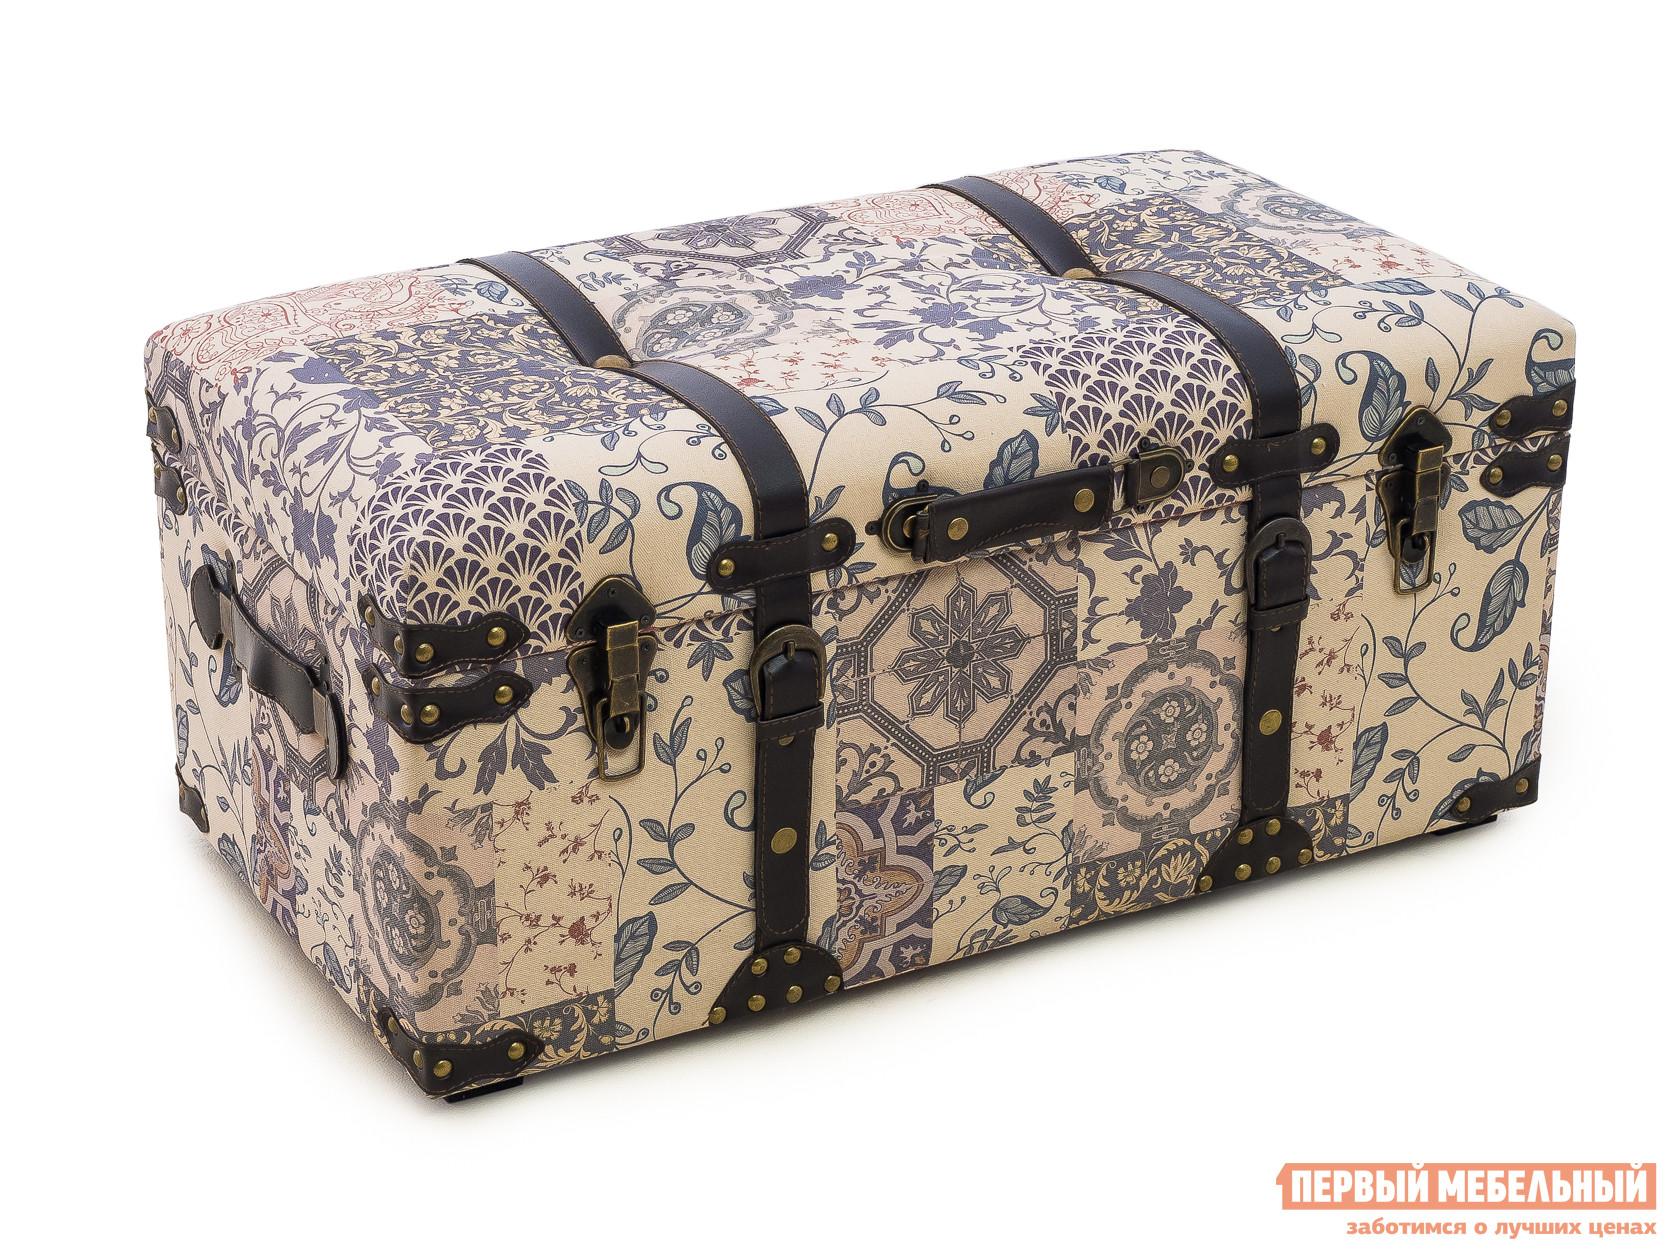 Сундук МебельТорг 2573 L/M/S Средний, Ткань пэчворк